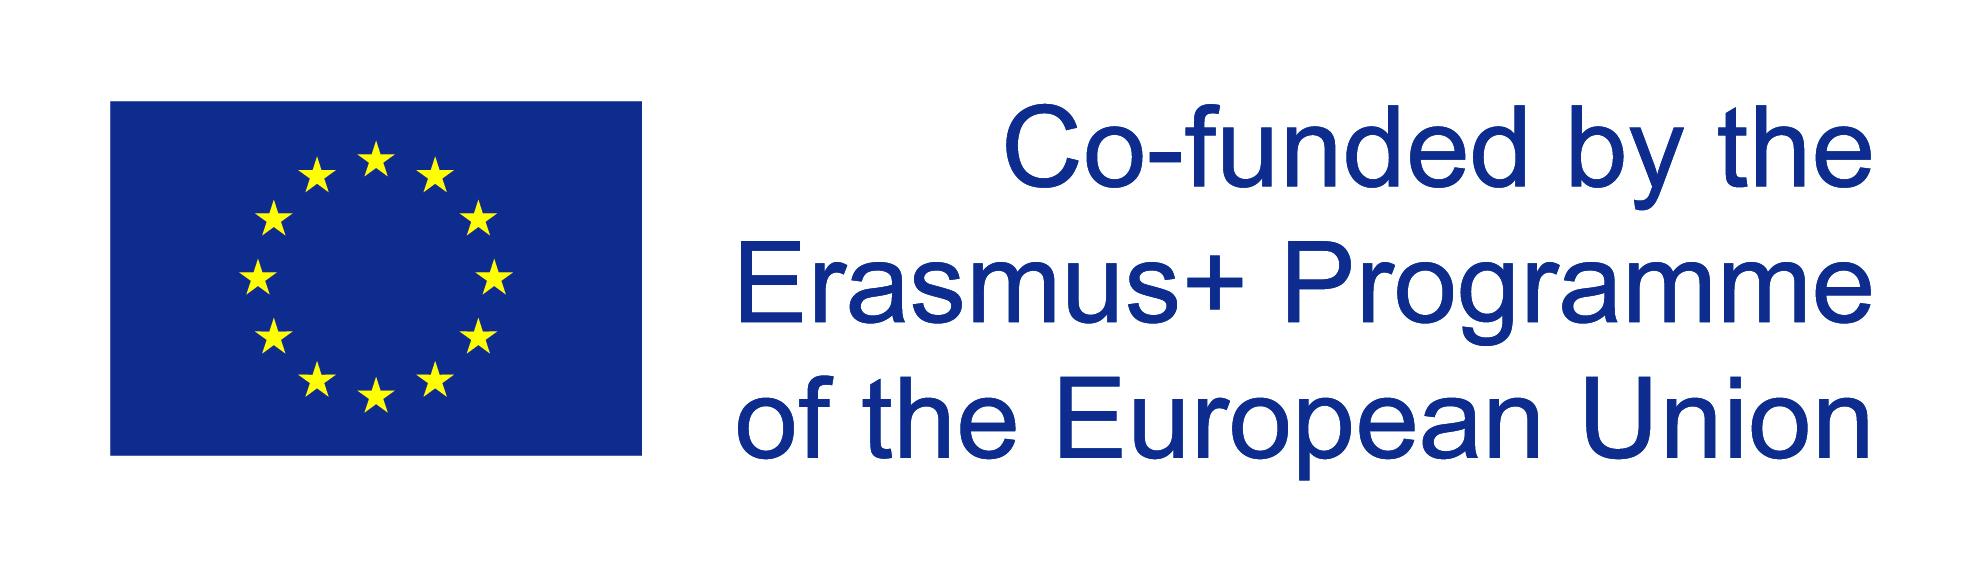 EU Programme